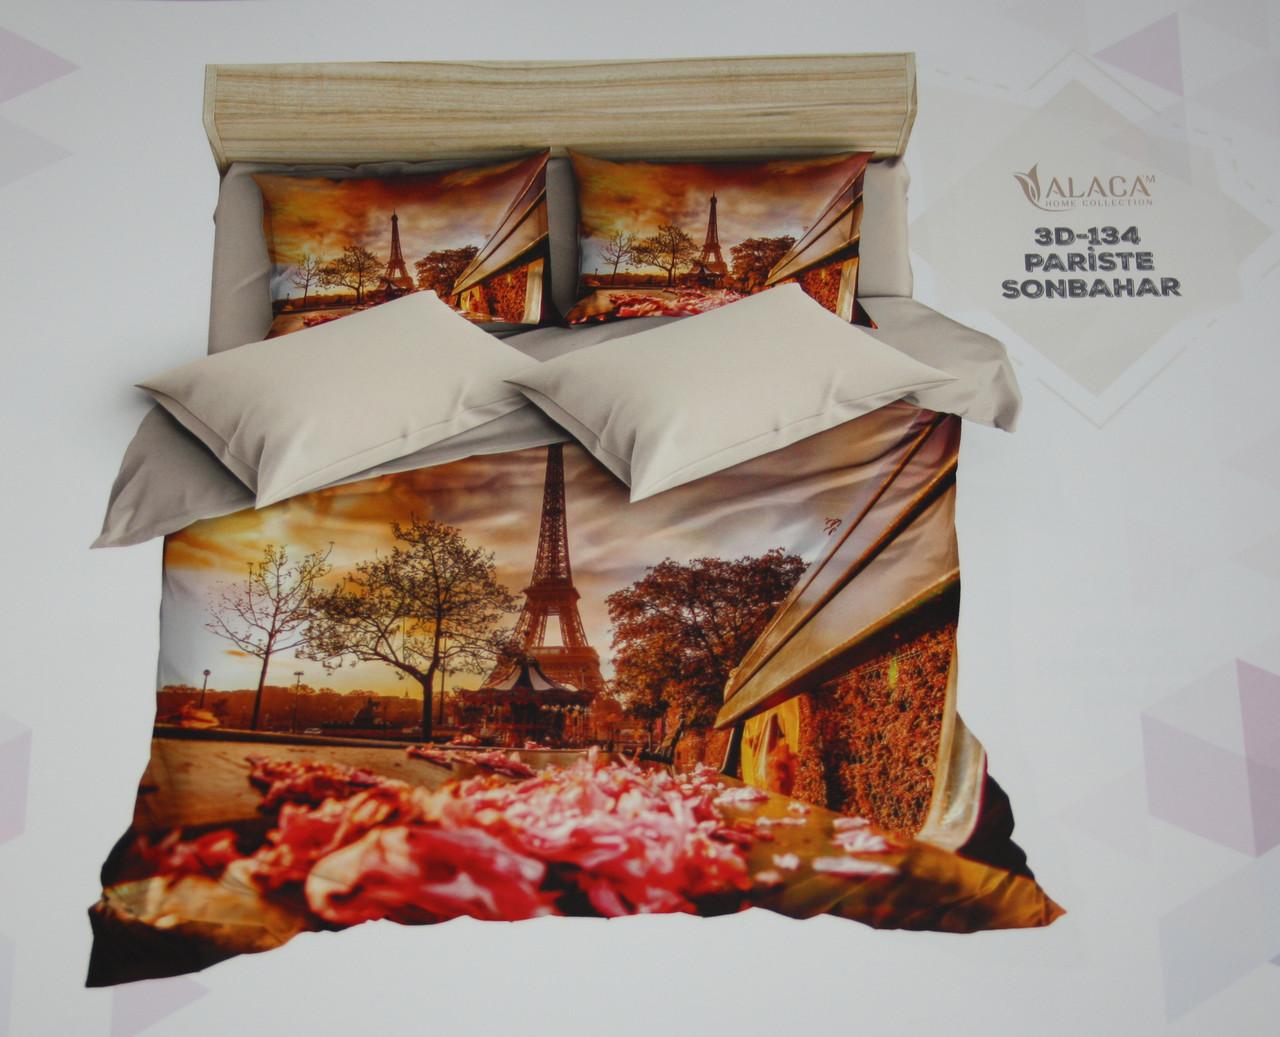 Белье постельное Евро размера ALACA 3D Pariste Sonbahar